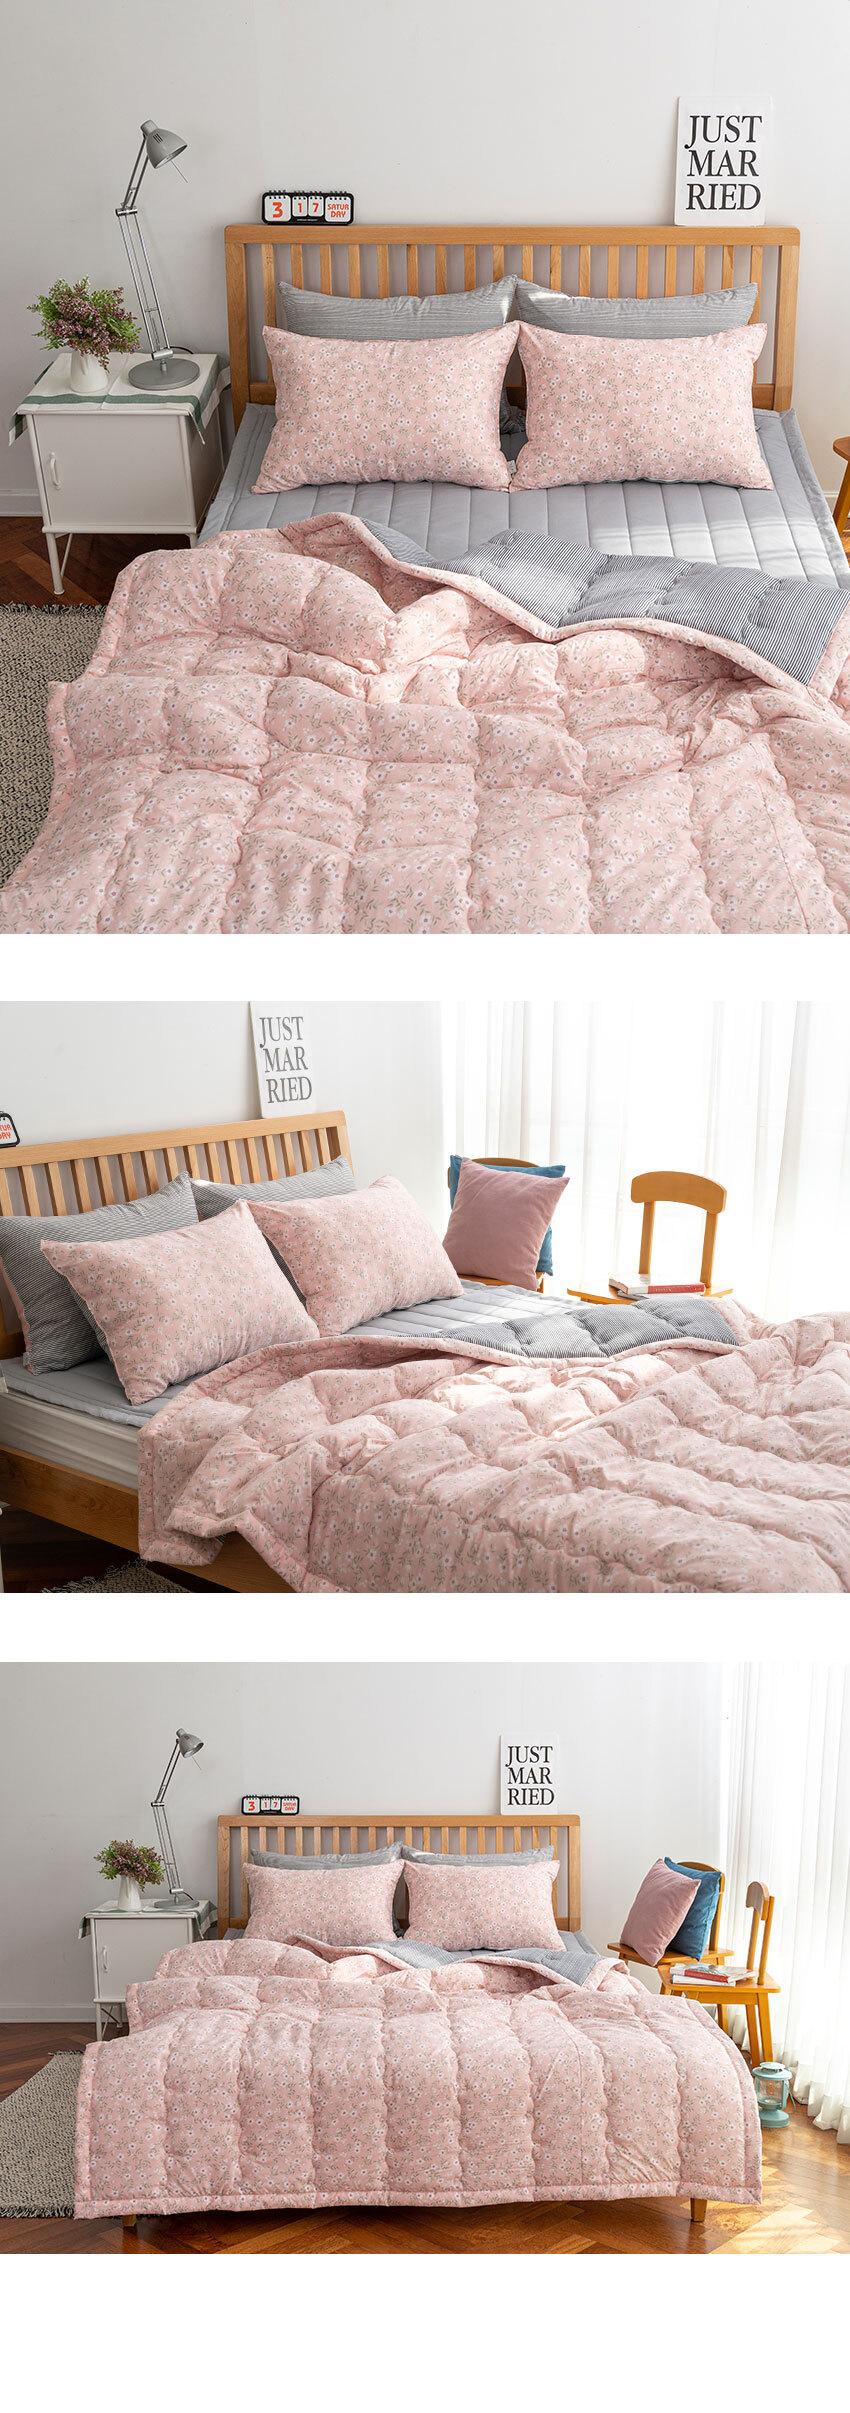 dorothy_bed_pink.jpg